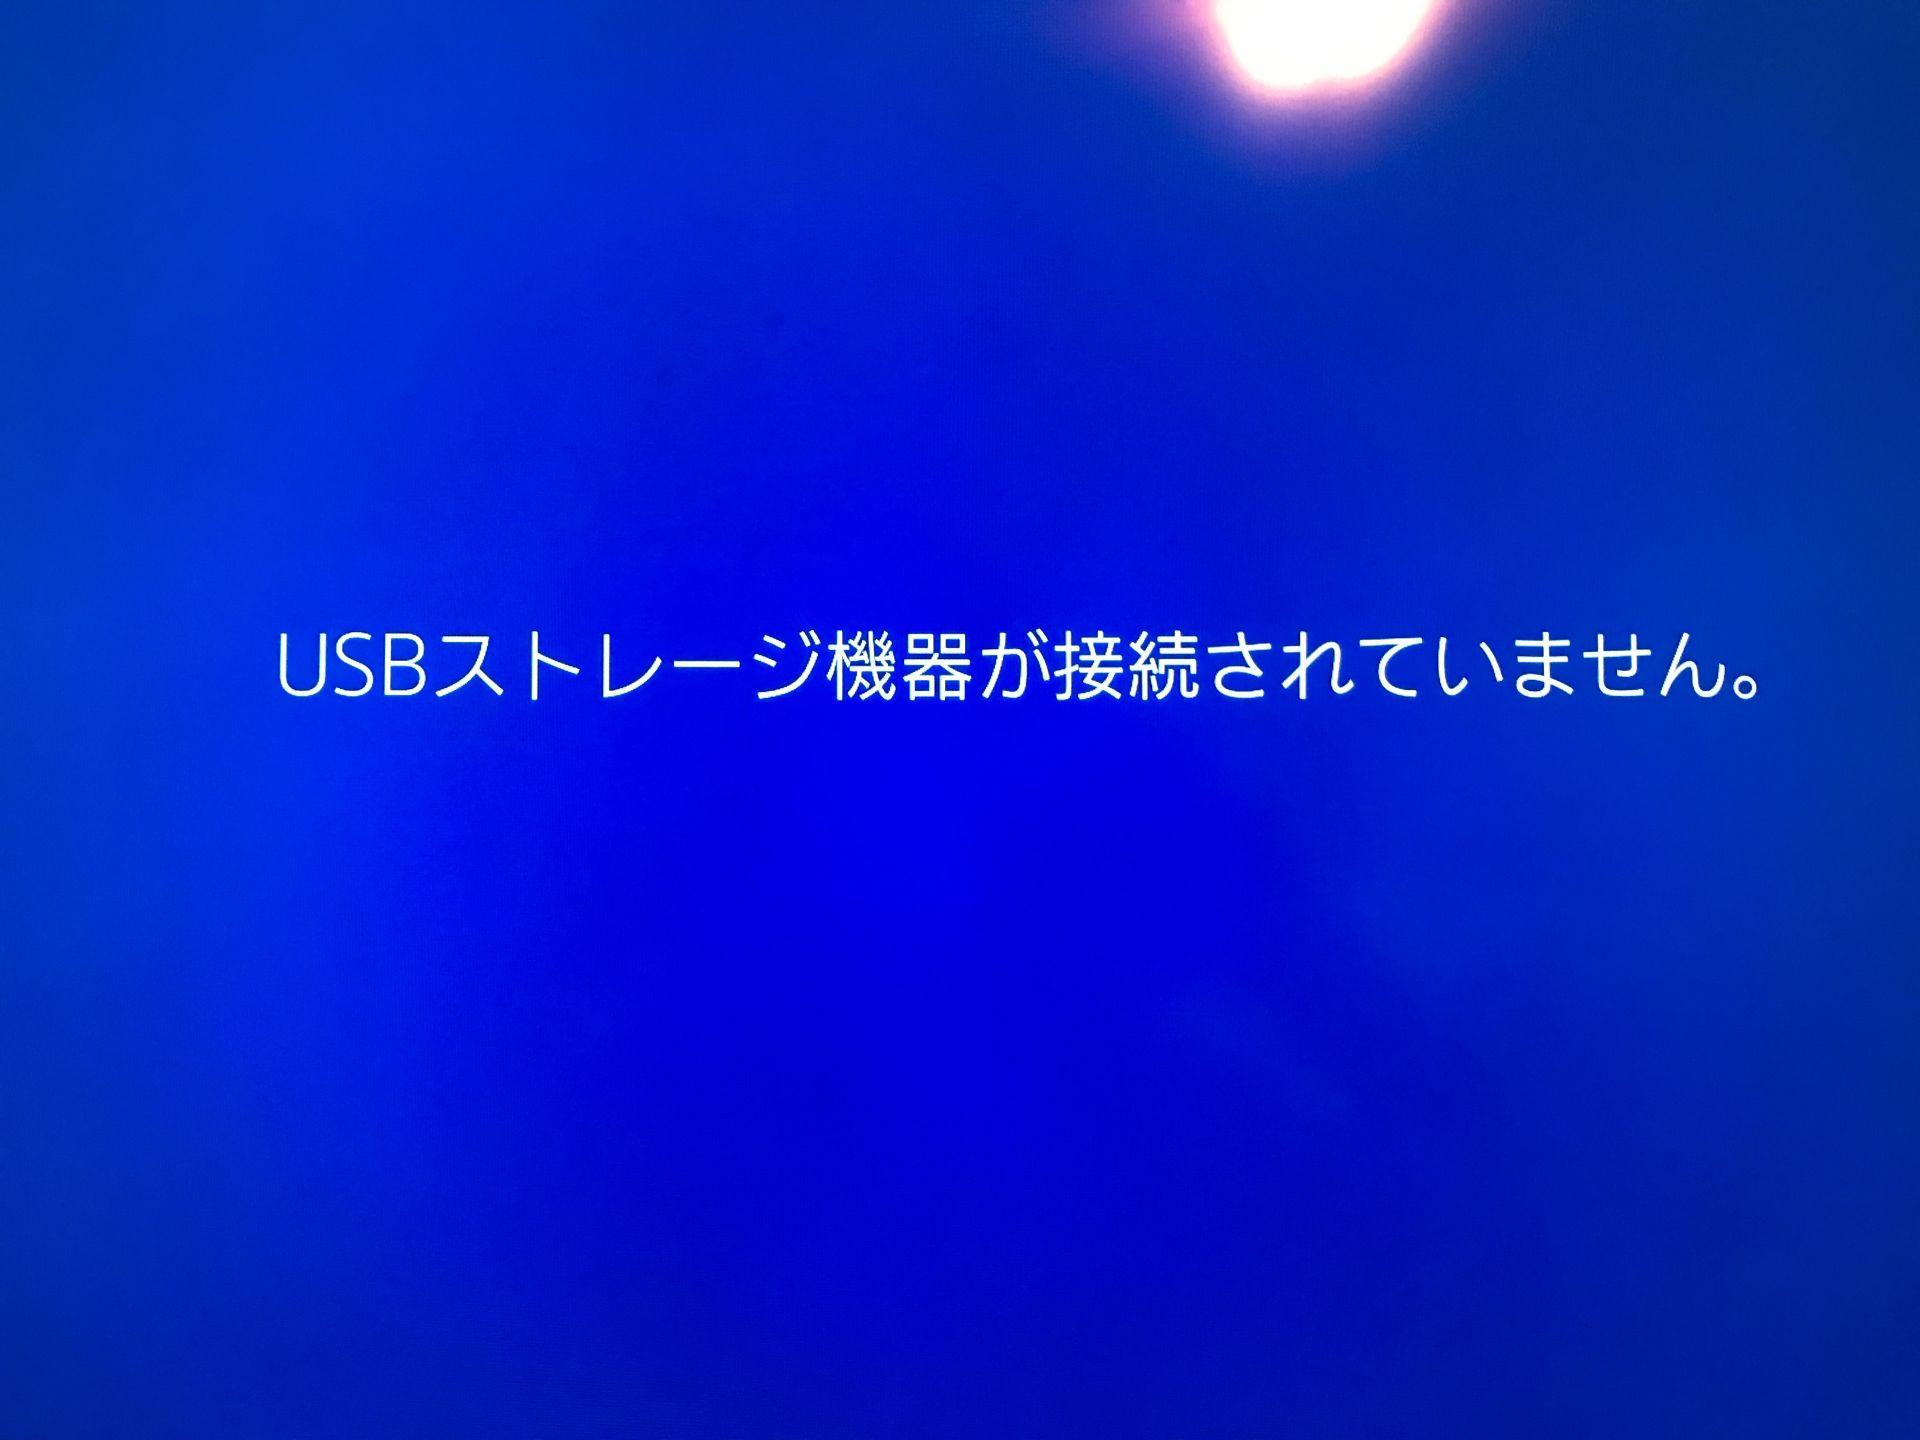 が ん ませ usb 接続 てい ストレージ され 機器 ps4 PS3/PS4は、NTFSのUSBドライブを読み取れません!どのように解決?